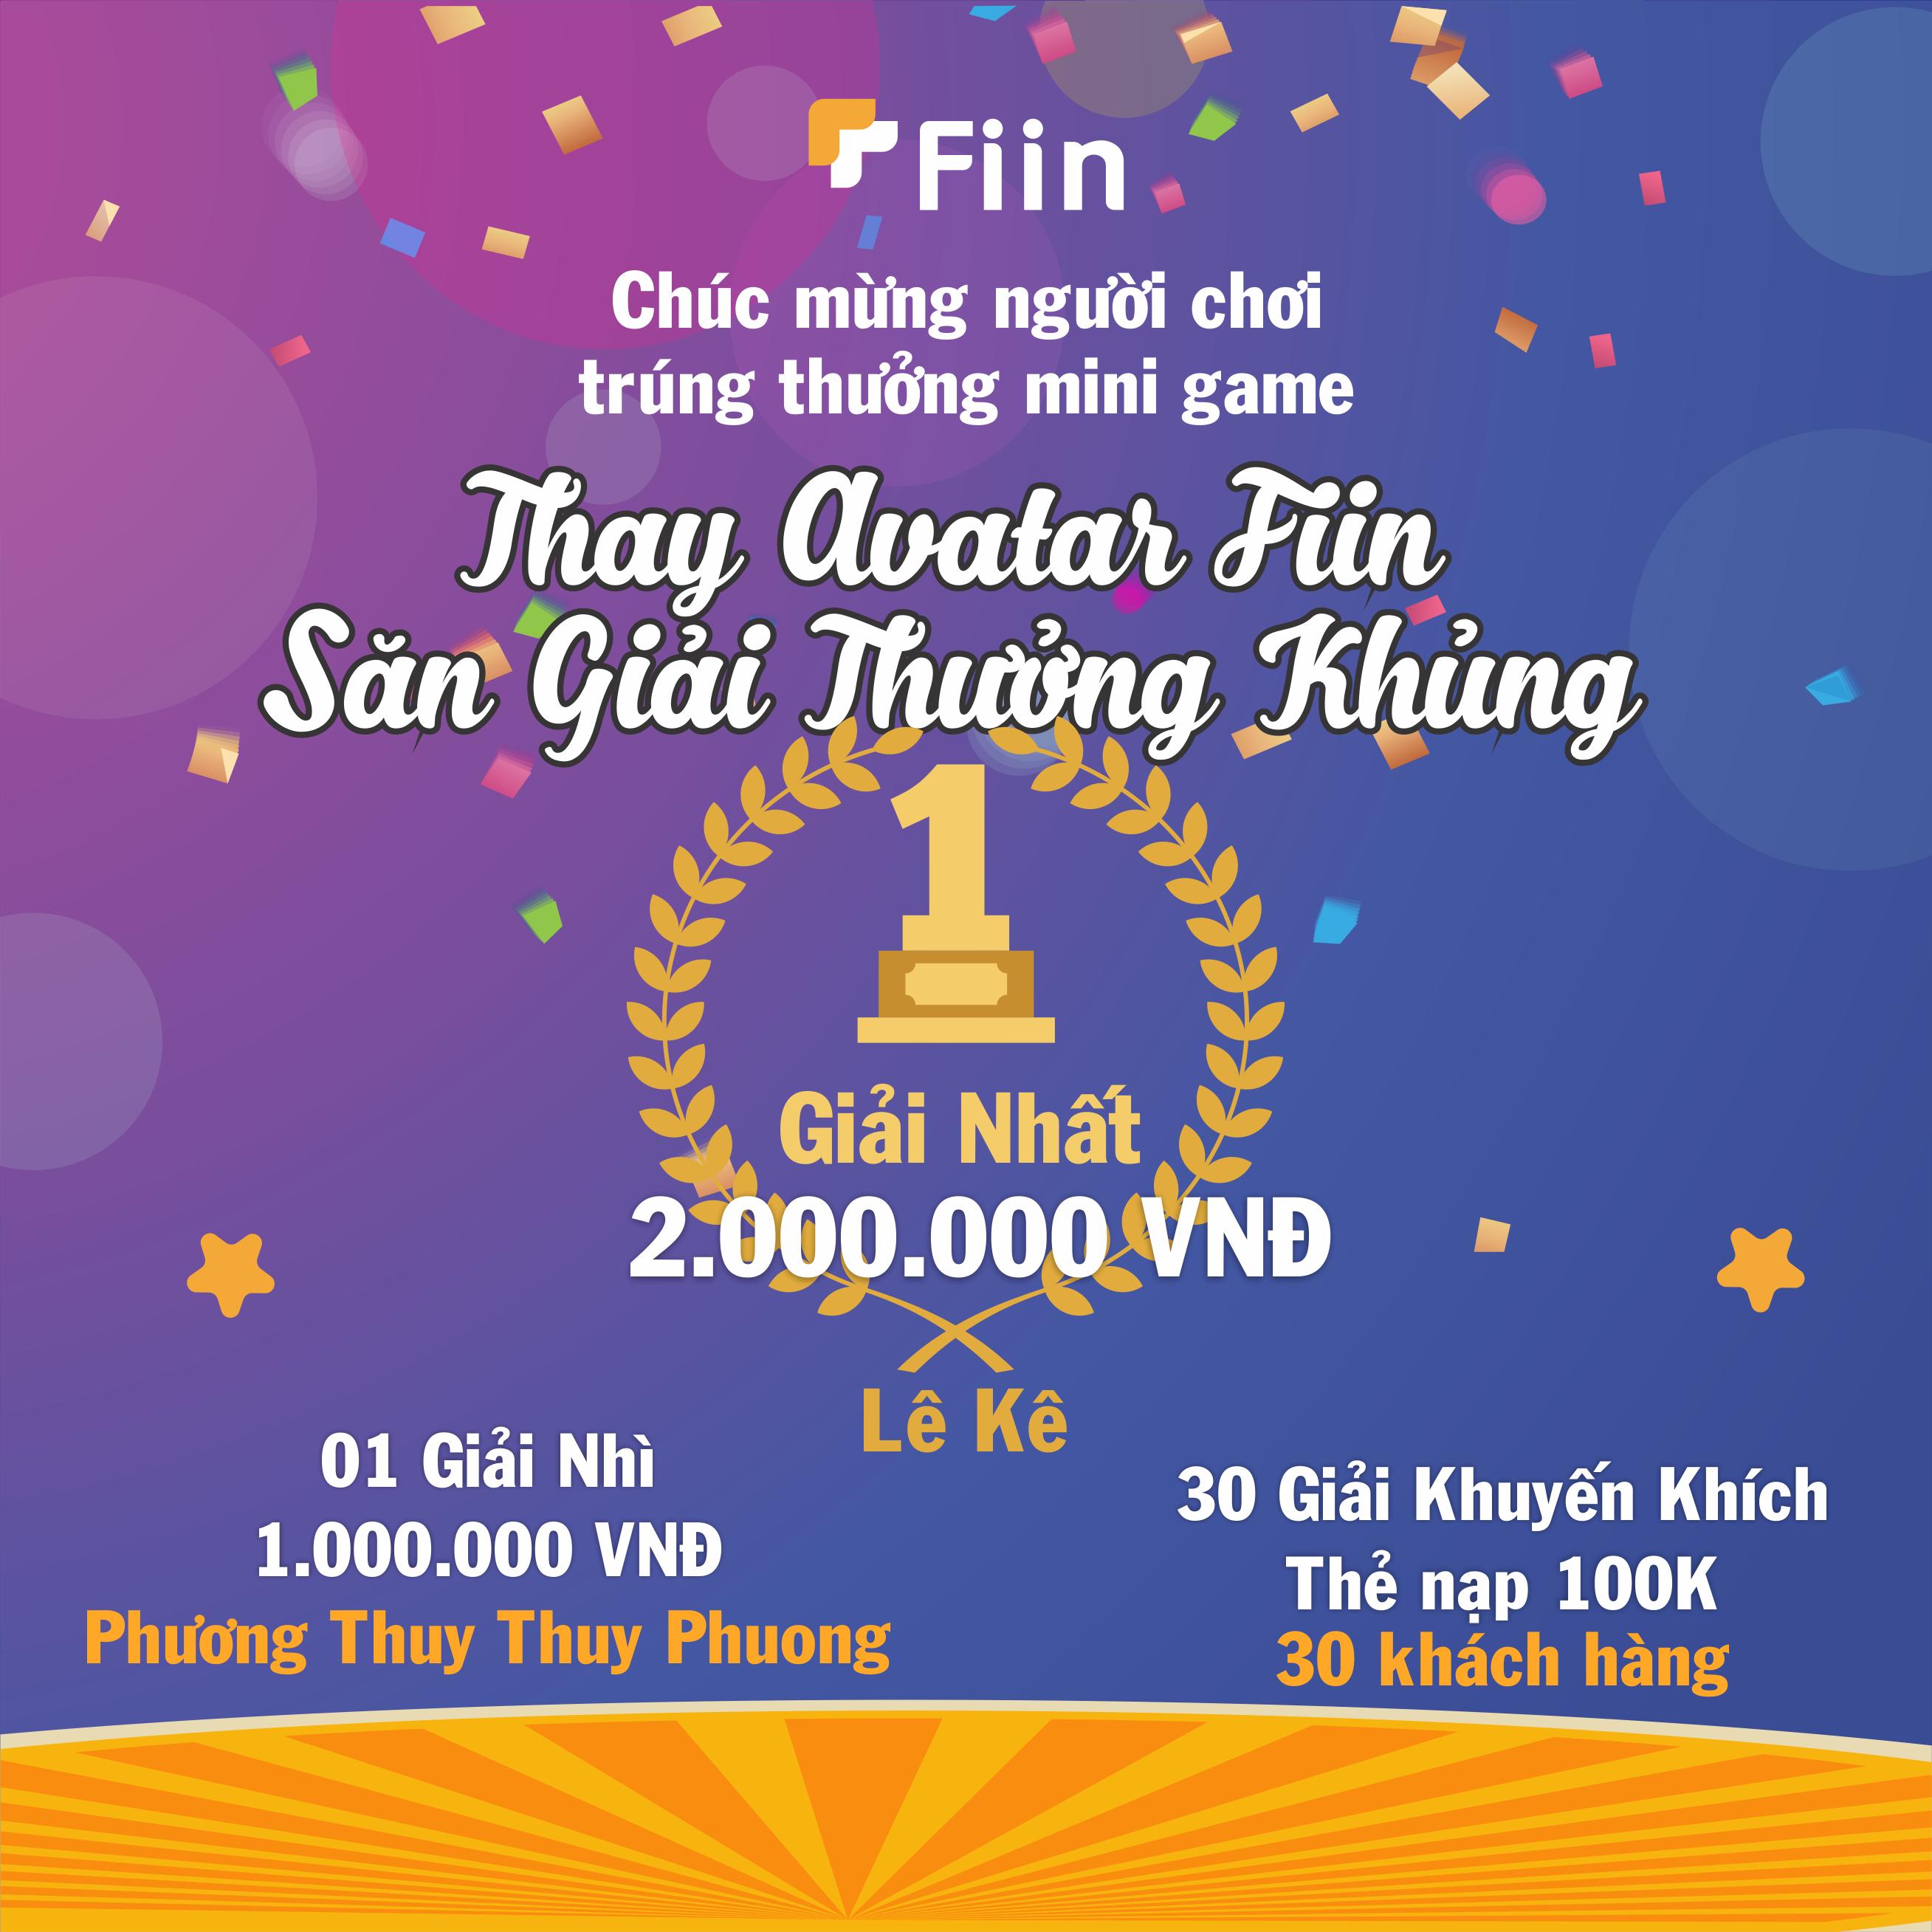 Fiin Credit công bố giải thưởng mini game thay avatar Fiin